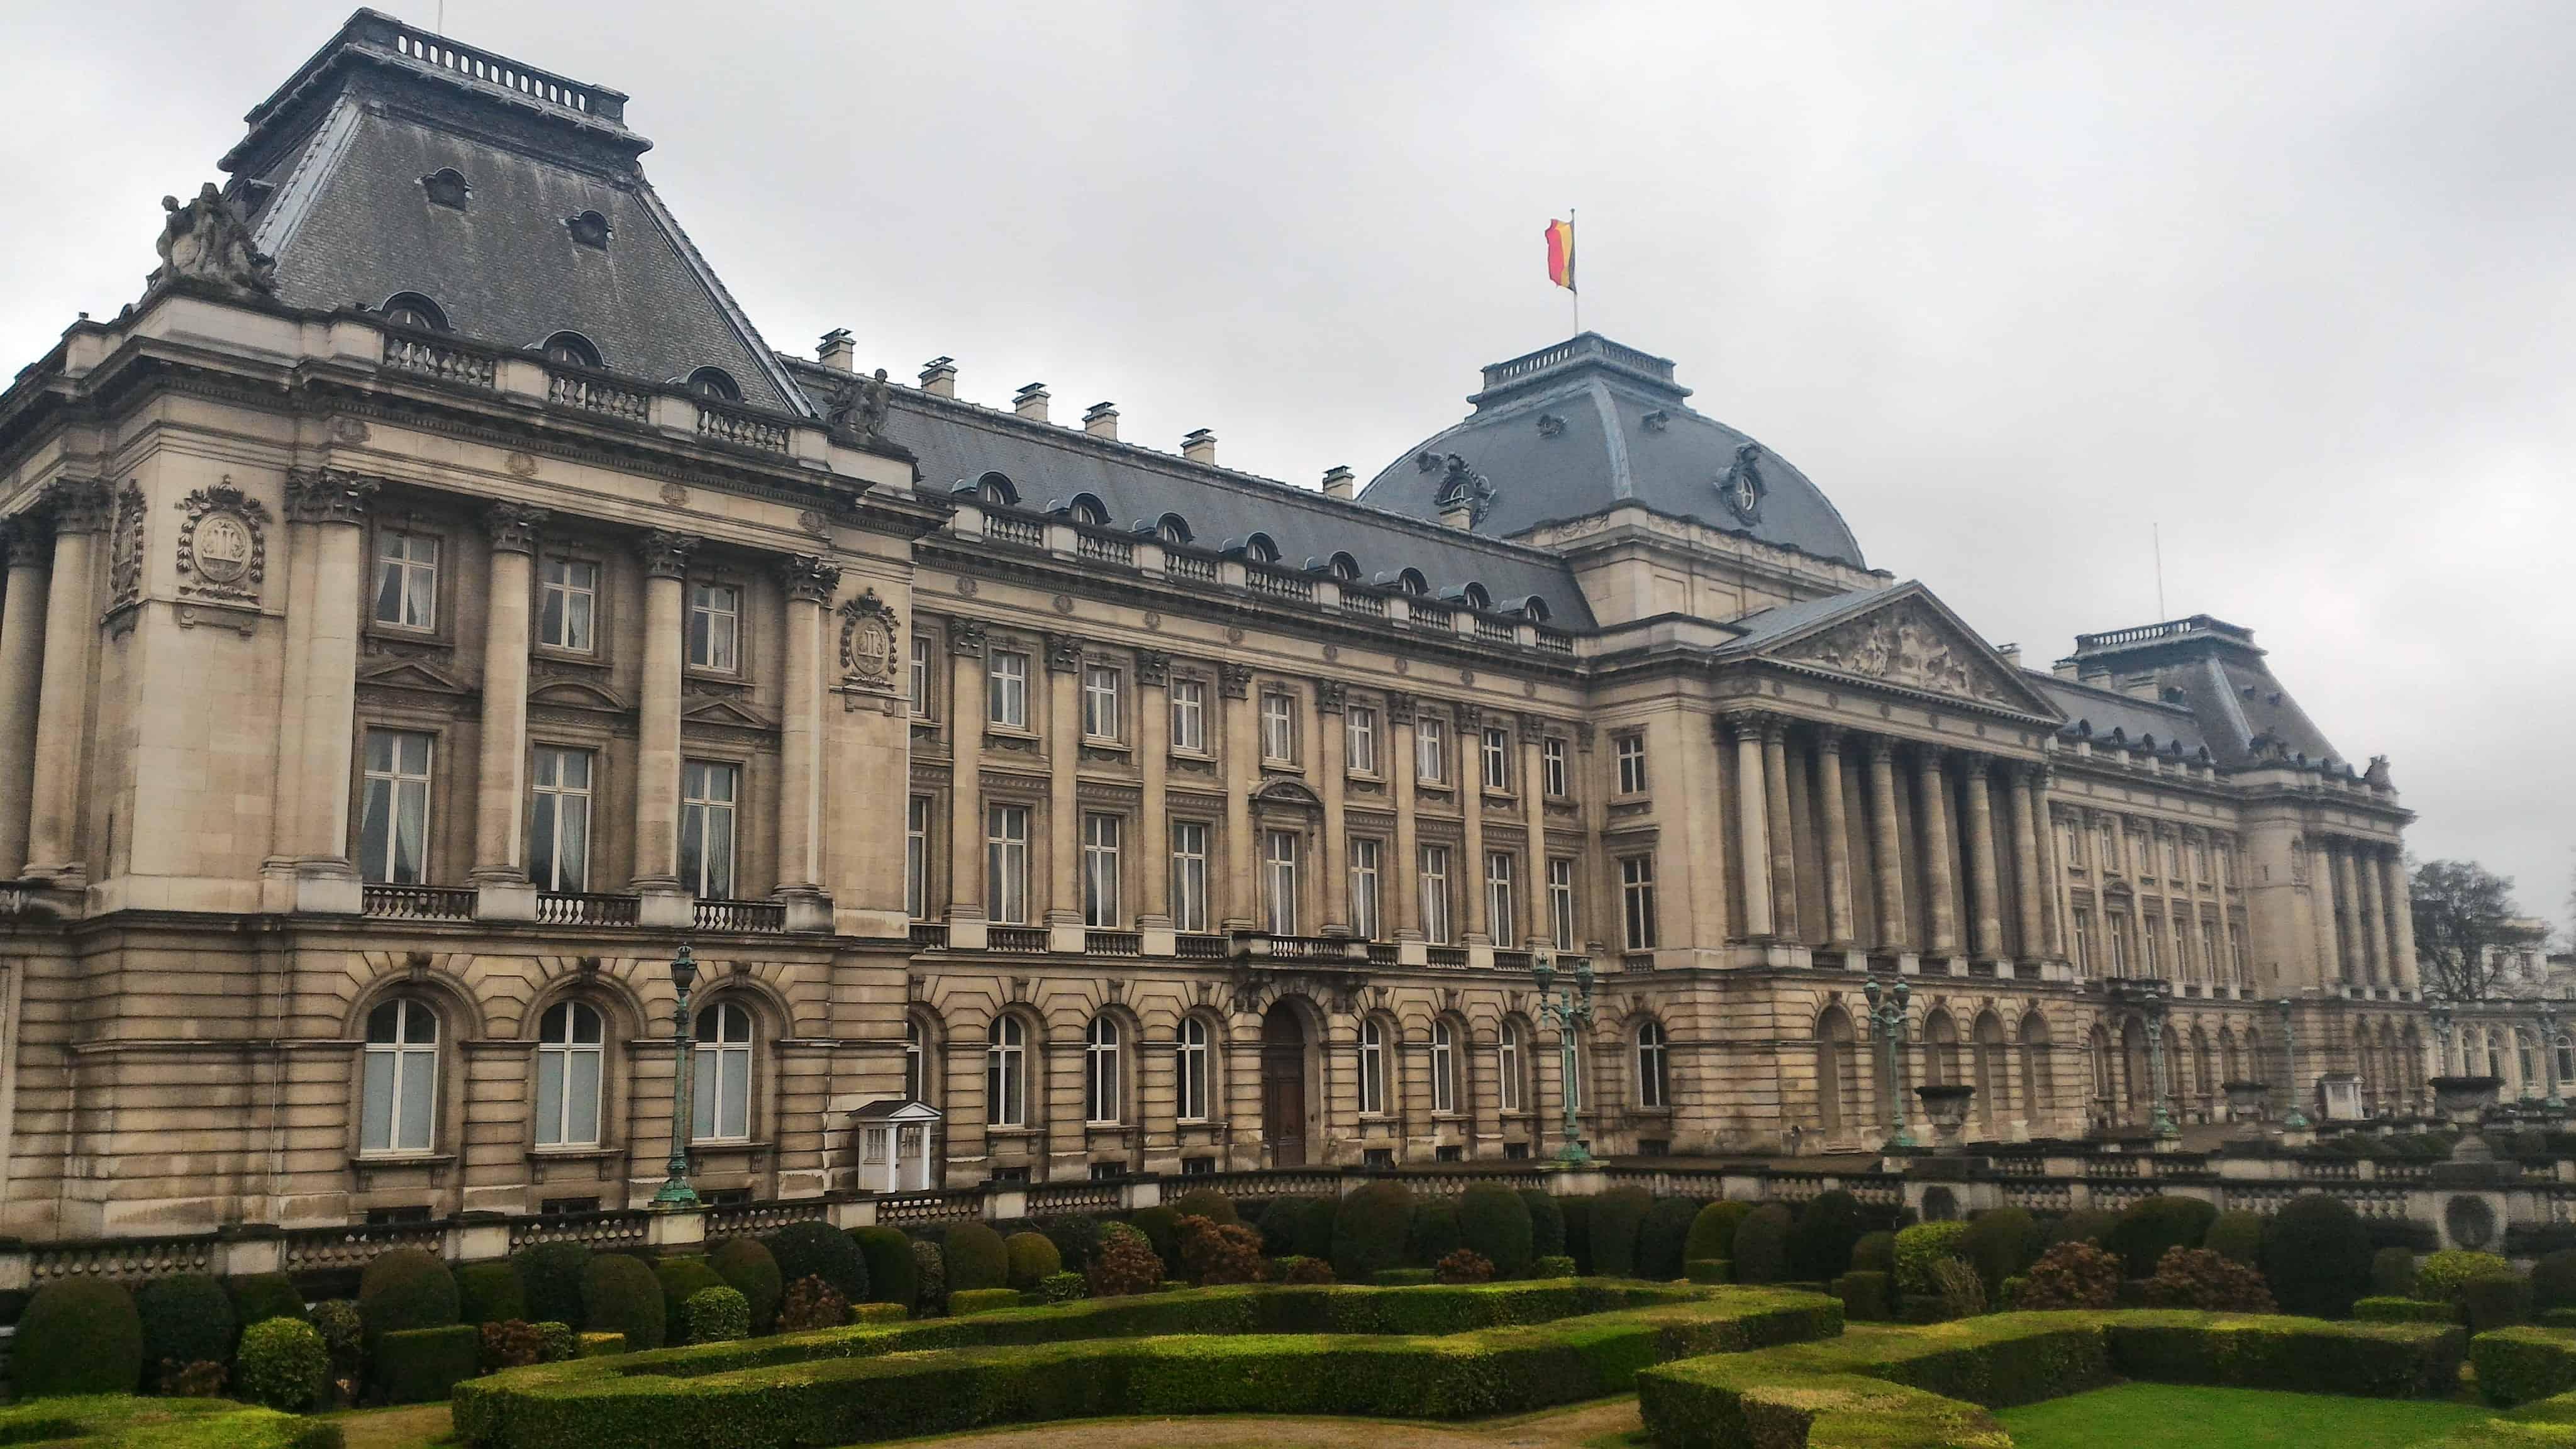 Belçika Kraliyet Sarayı Brüksel